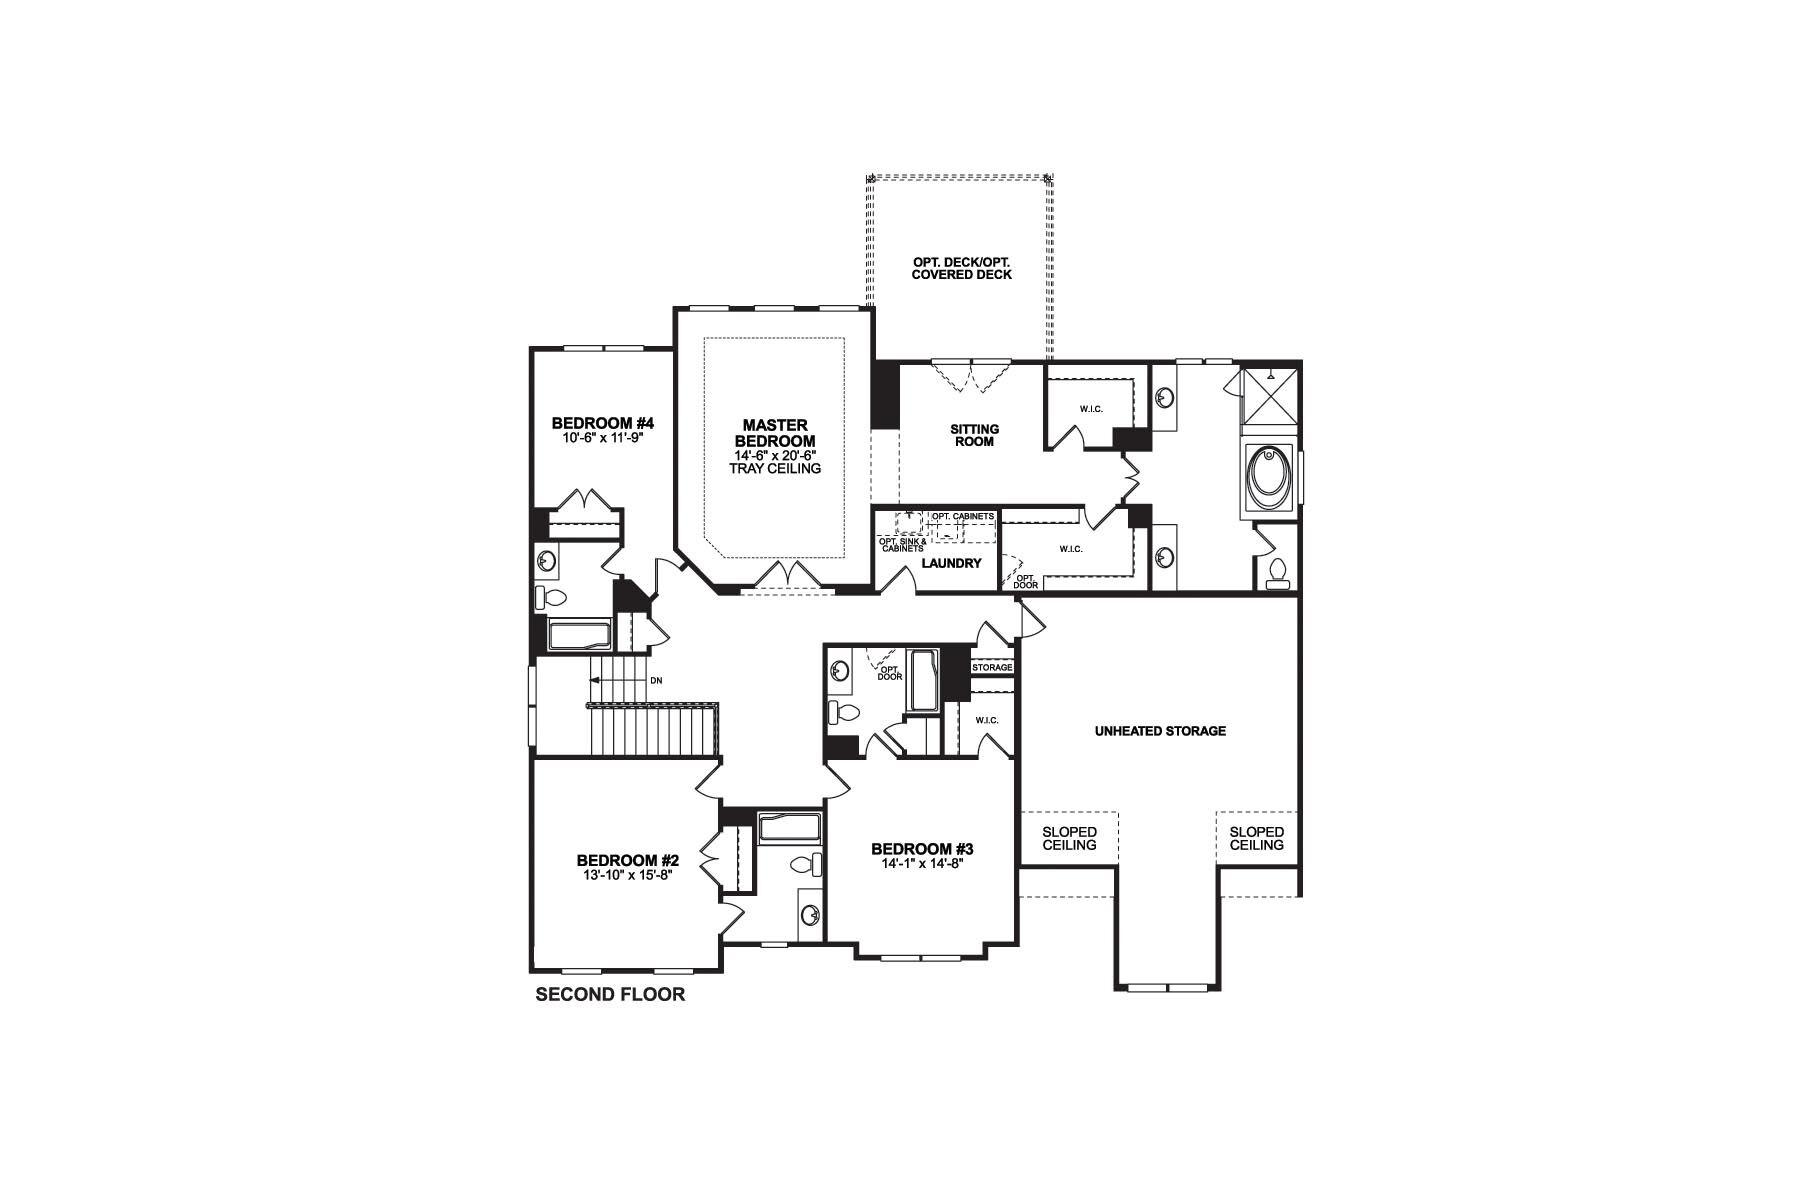 Biltmore Second Floor